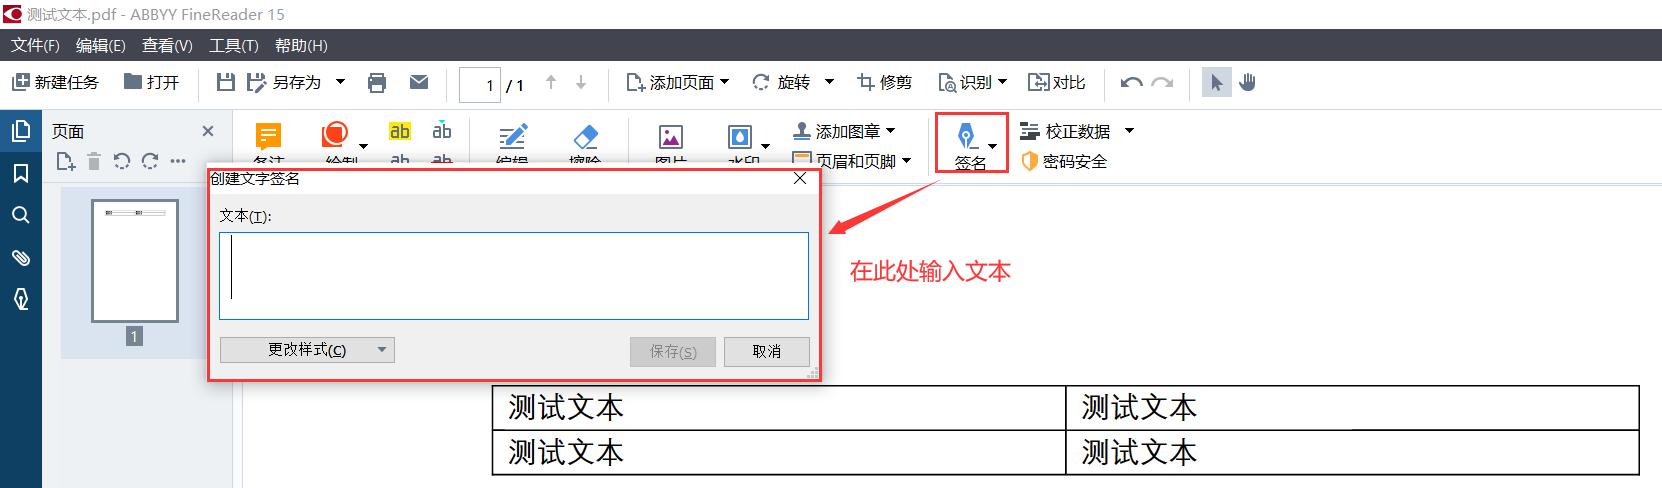 图五:使用ABBYY Finereader 15为PDF文档添加签名